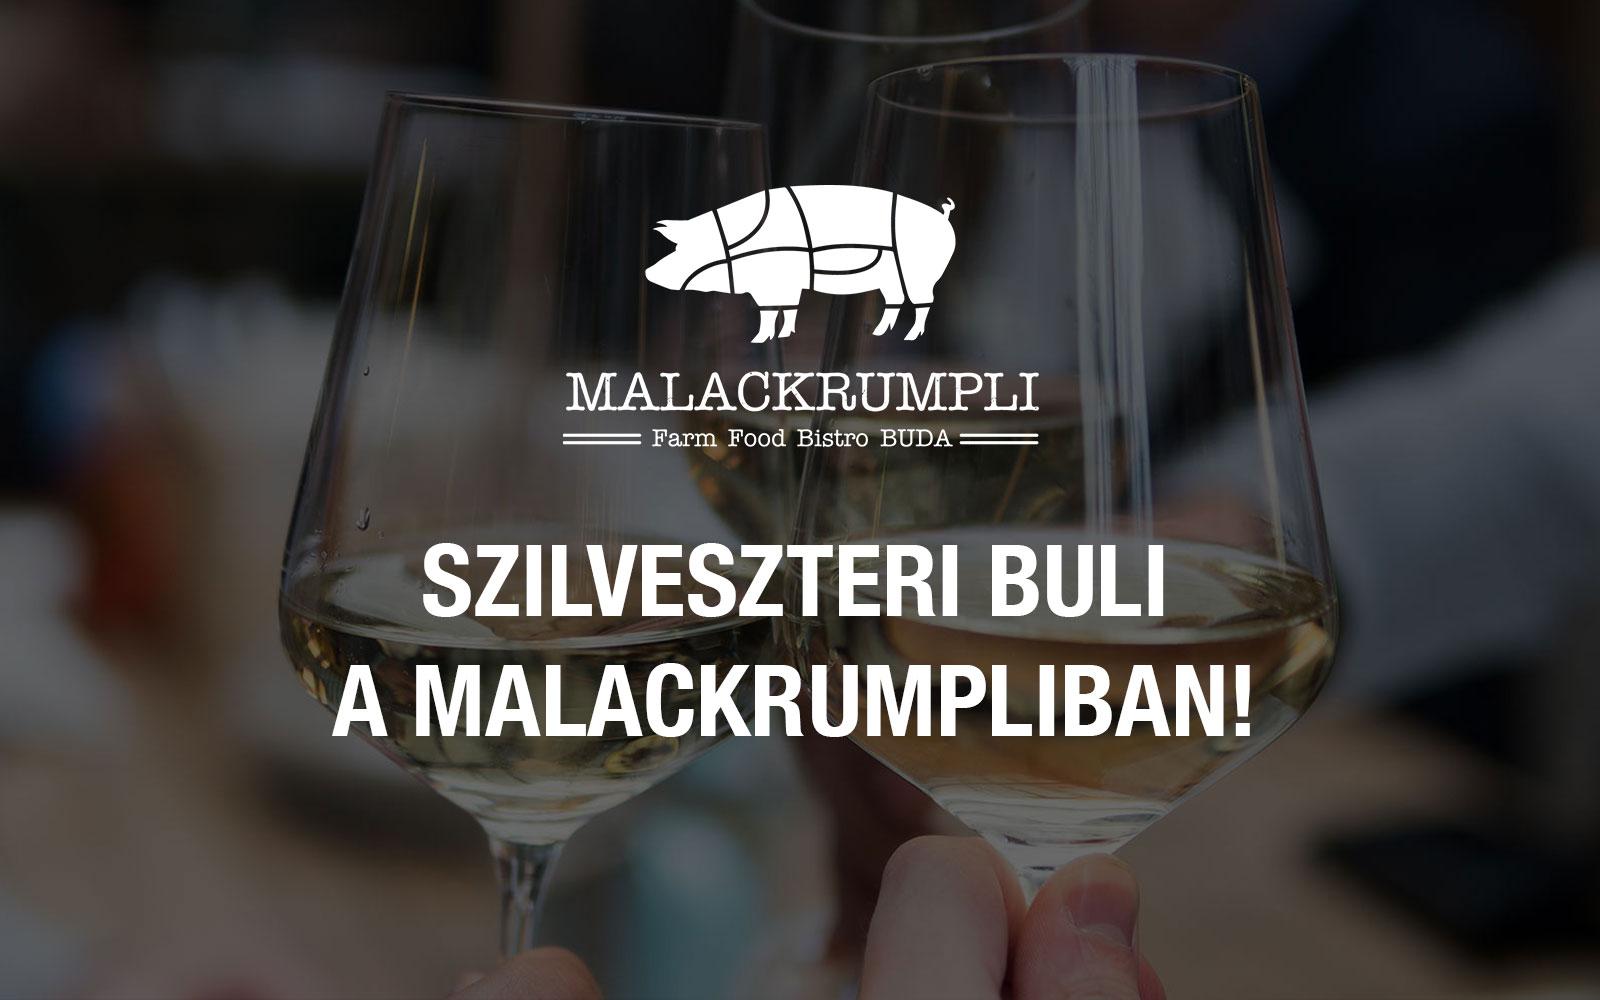 malackrumpli_fb_szilveszter.jpg